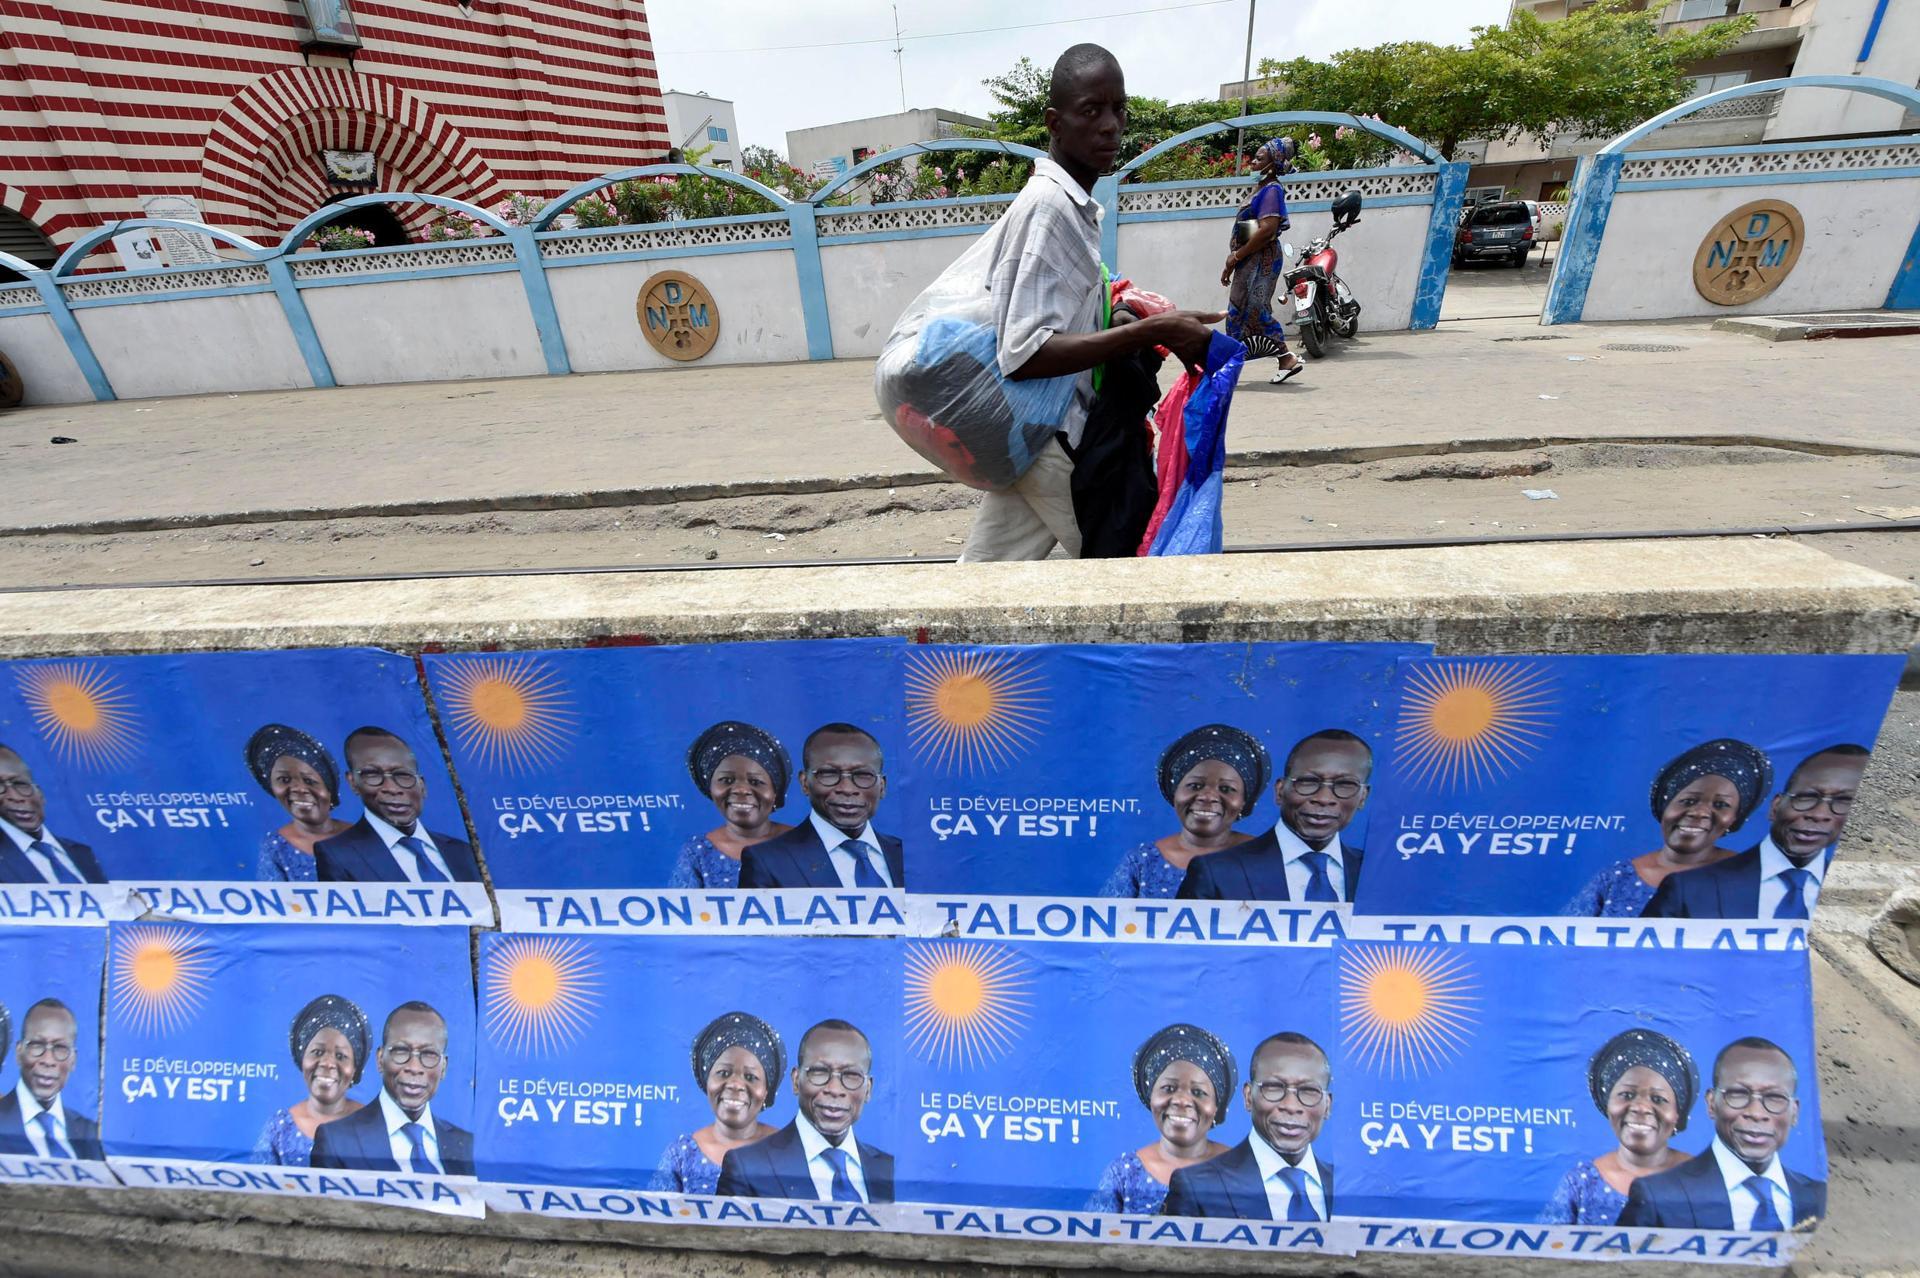 Au Bénin, l'opposition dénonce un scrutin présidentiel verrouillé par Patrice Talon